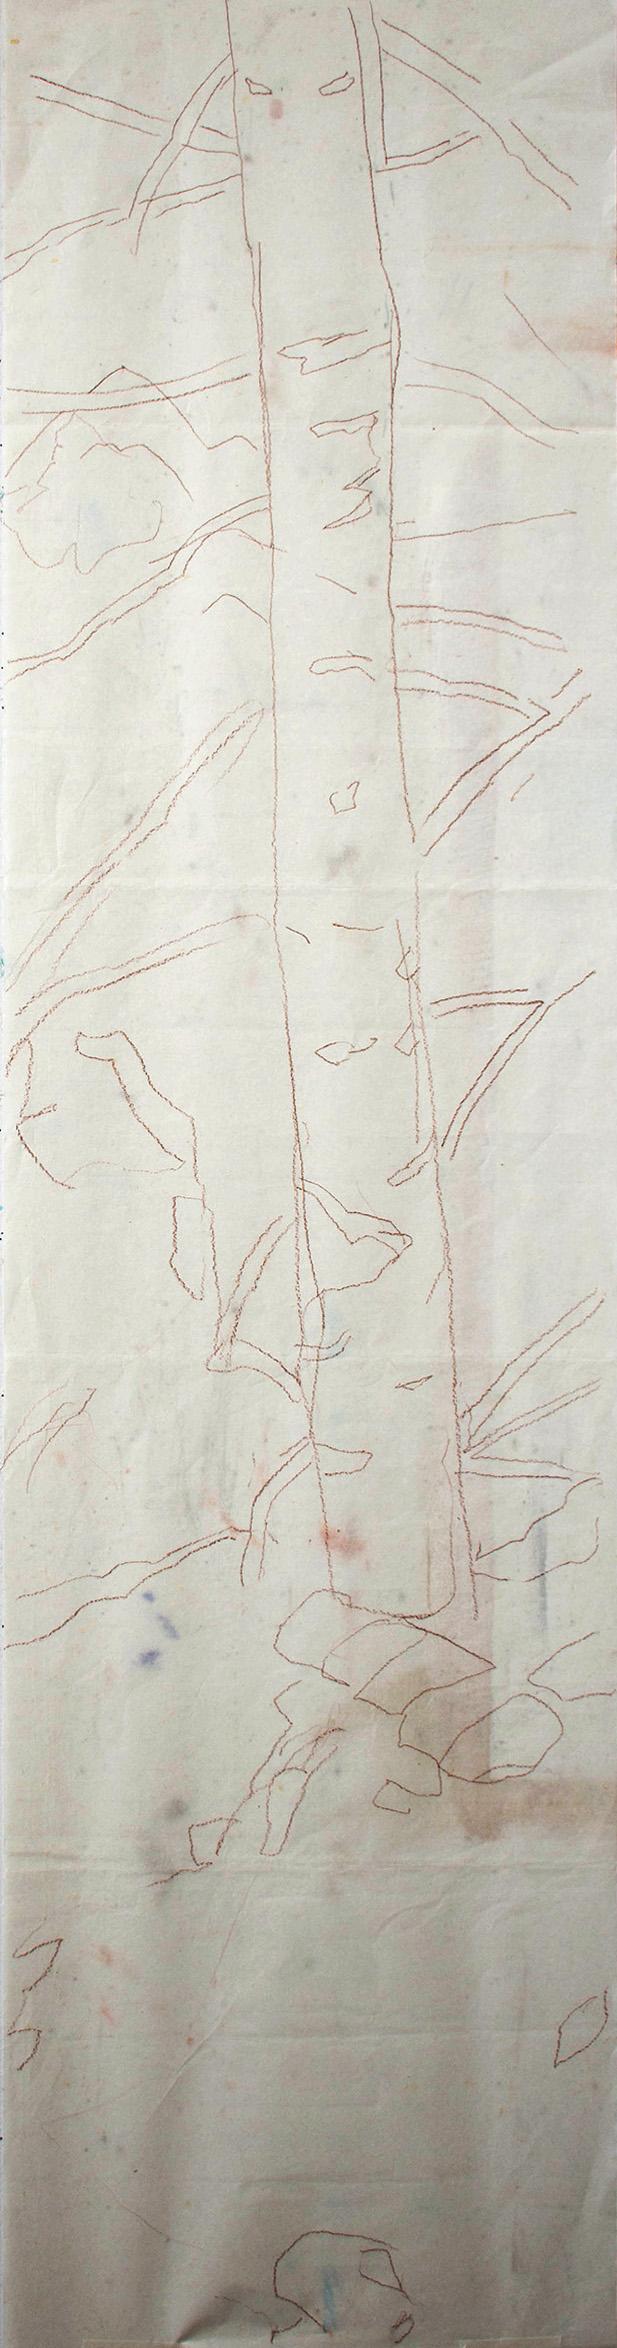 SITE-2-12-17 creek scroll drawing 2.jpg